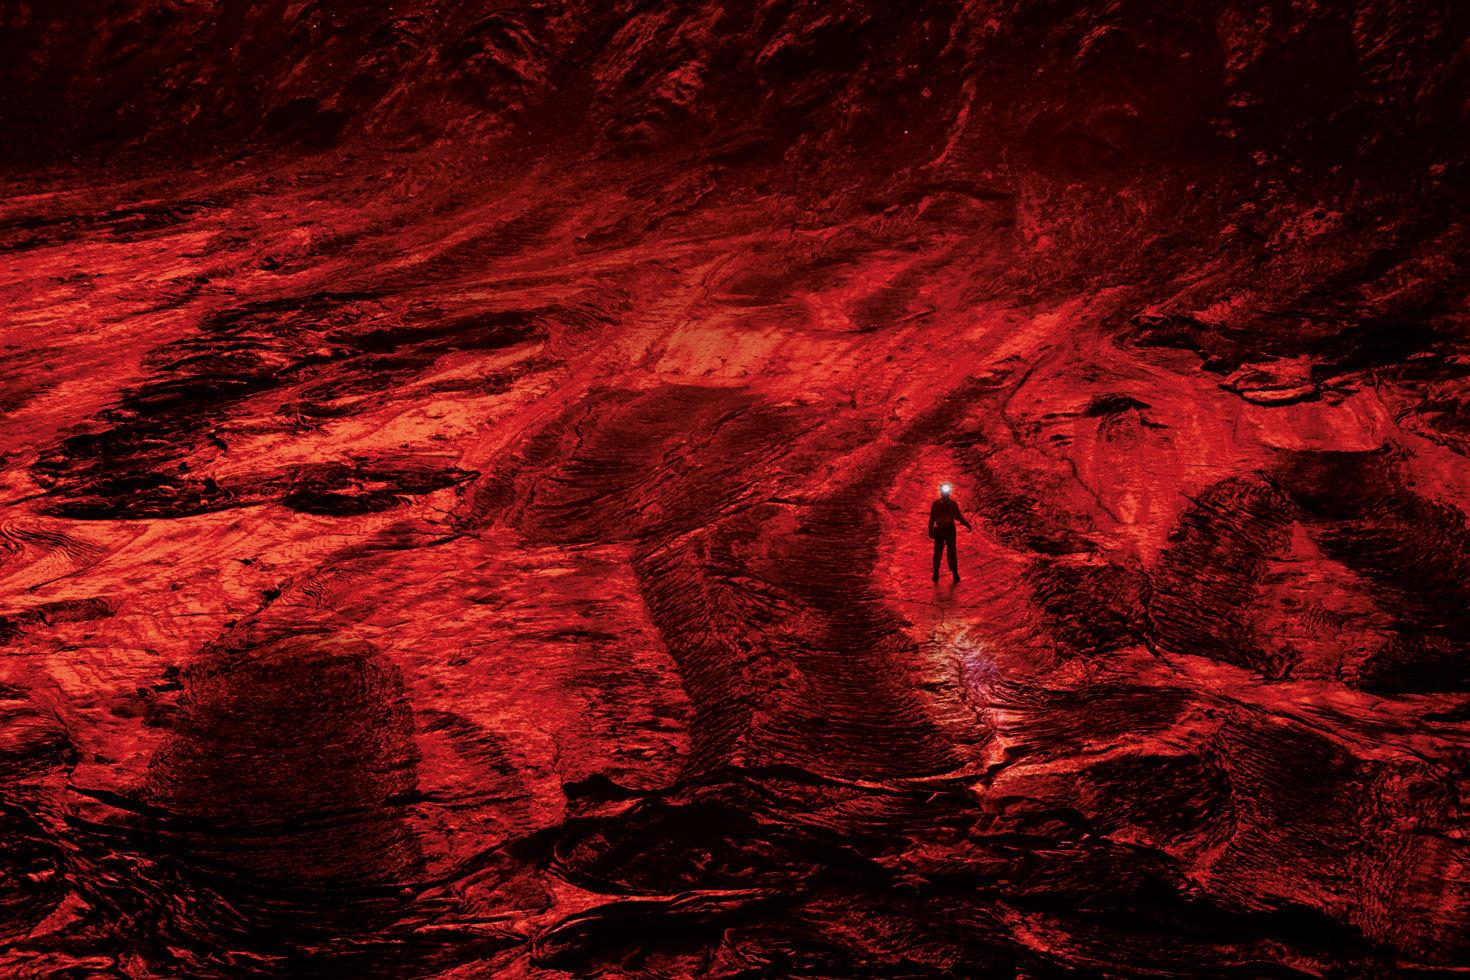 Группа исследователей National Geographic спустилась в кальдеру вулкана Ньирагонго на территории